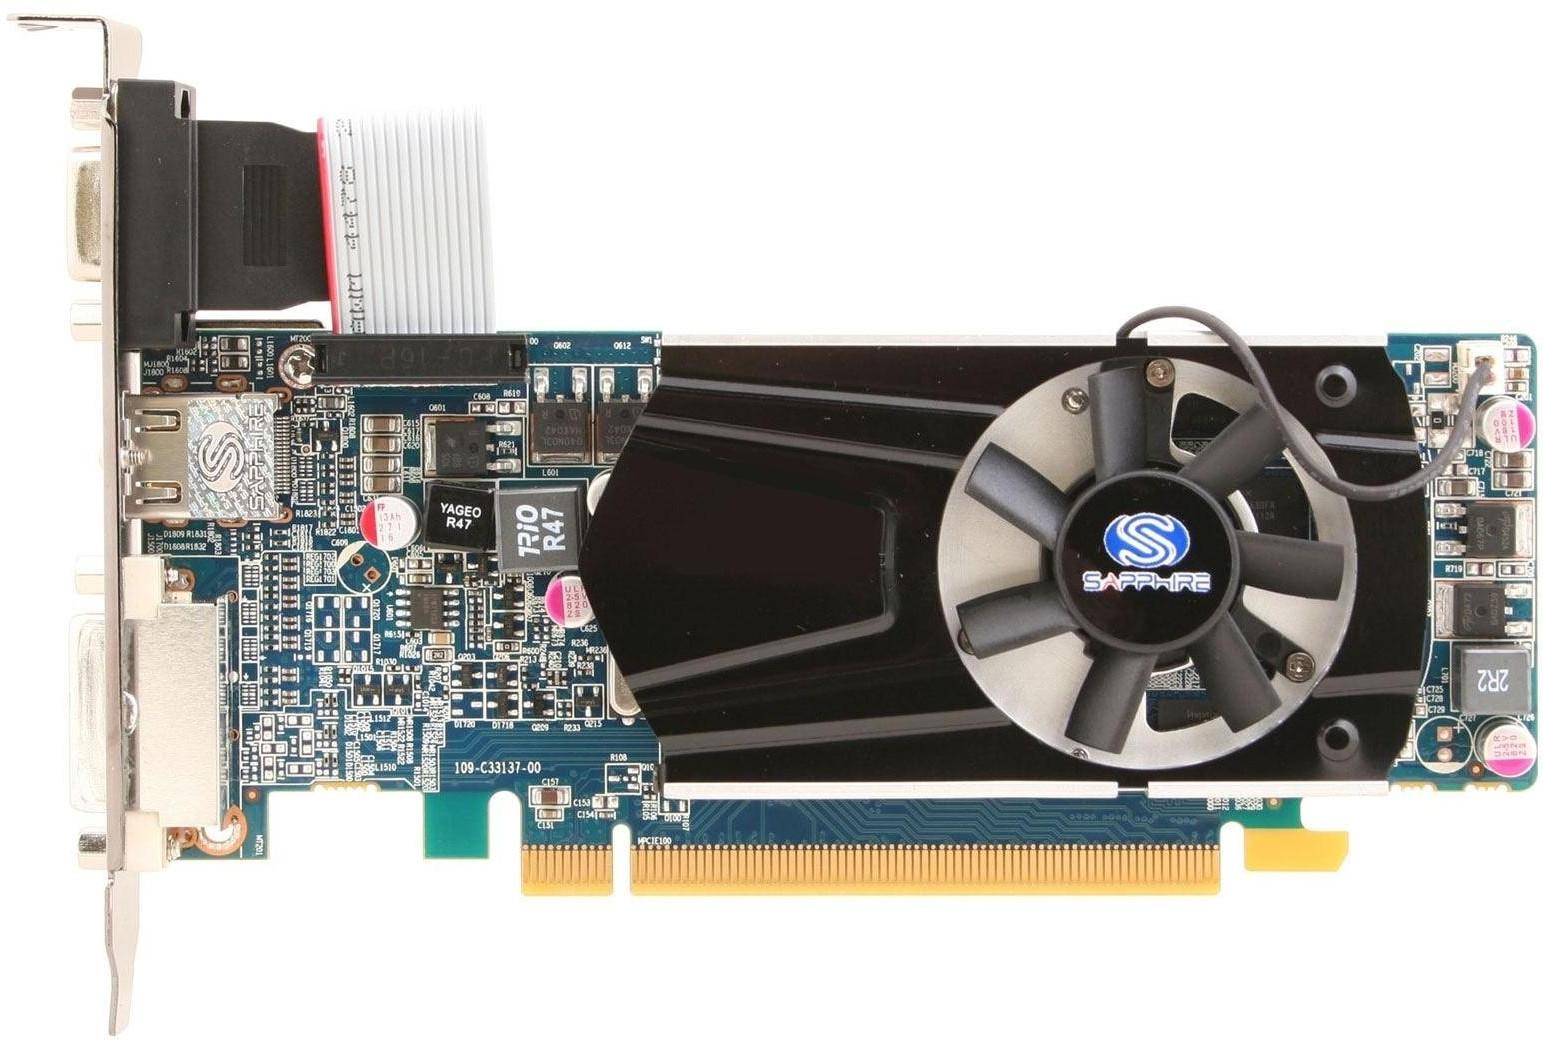 Powercolor Radeon Hd 6570 650Mhz Pci-E 2.1 2048Mb 1334Mhz 128 Bit Dvi Hdmi Hdcp